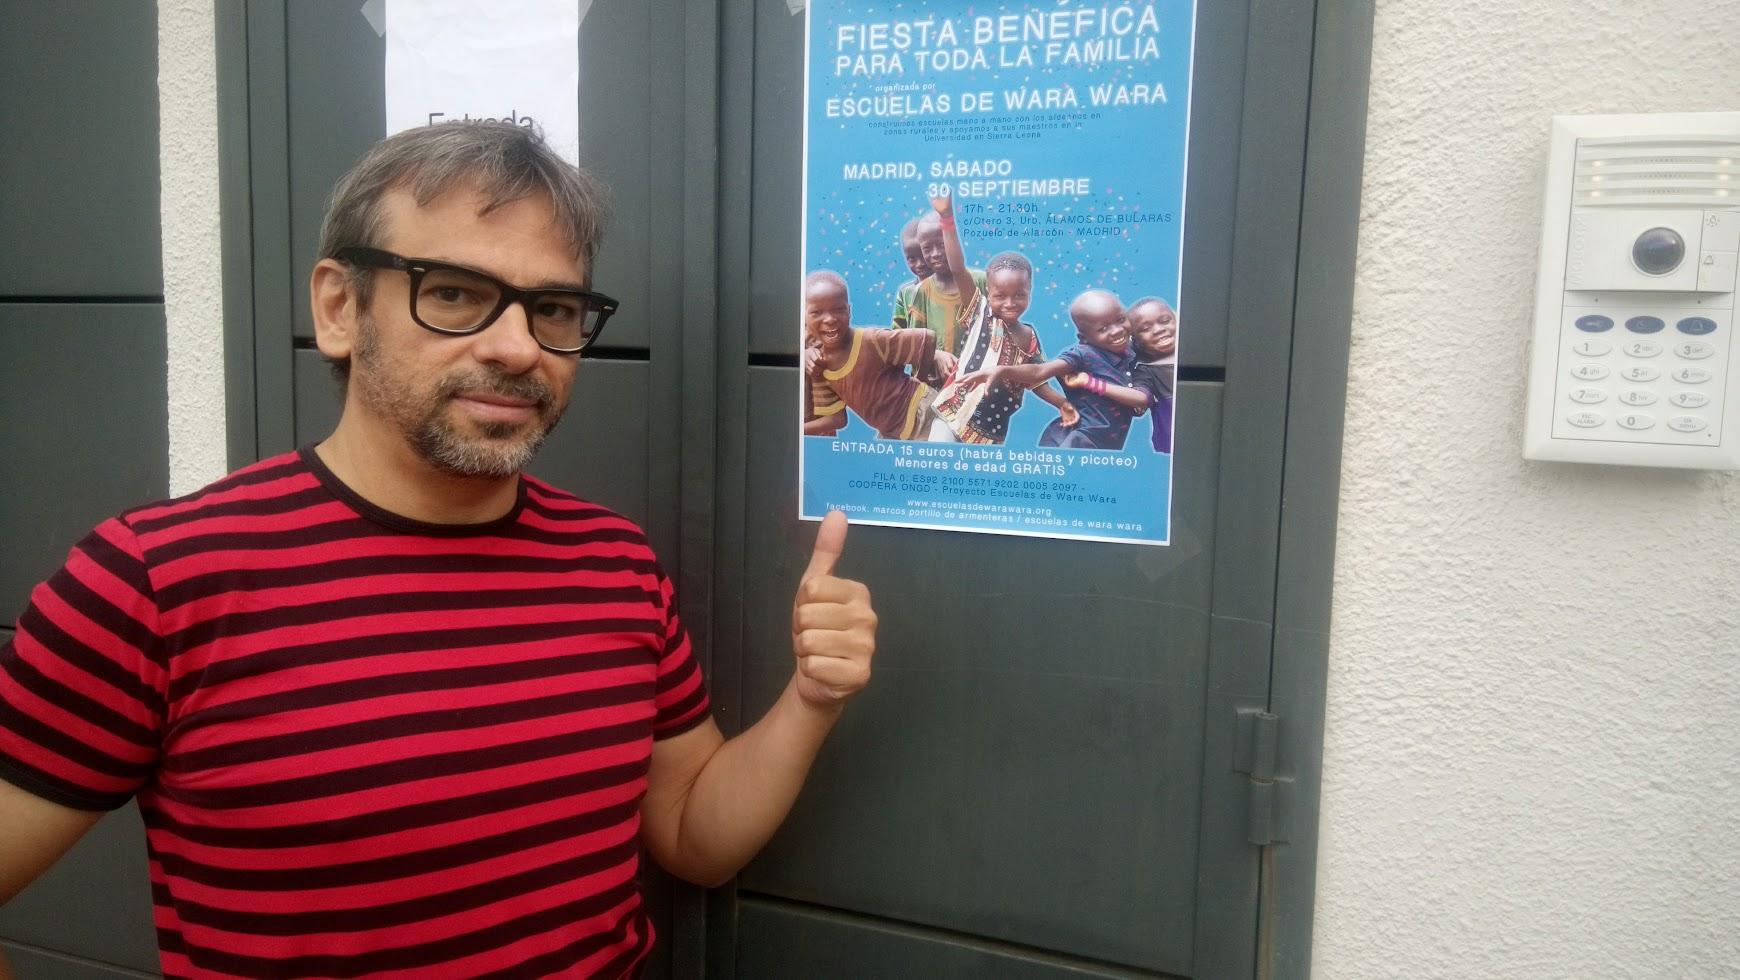 mago madrid y cartel fiesta benéfica escuelas wara wara 2017